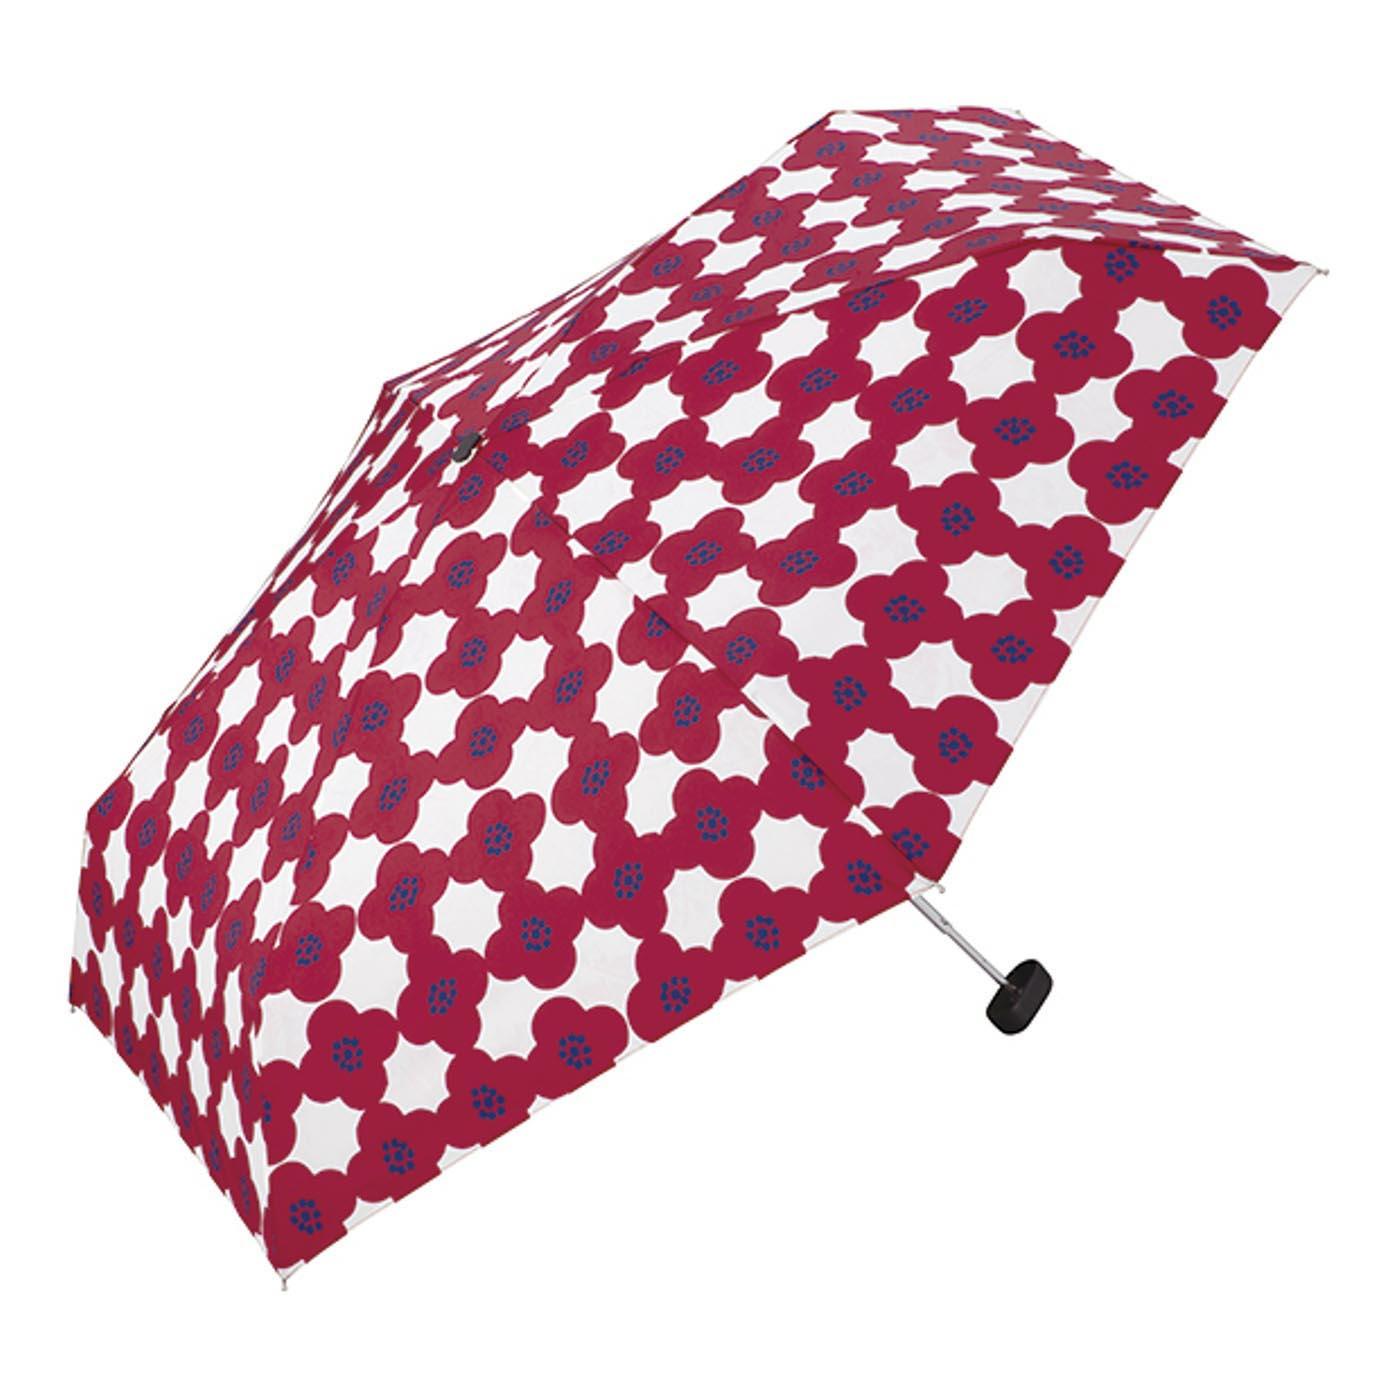 クラッチ風ケースでサッと収納 コンパクトな折りたたみ傘〈カメリア〉